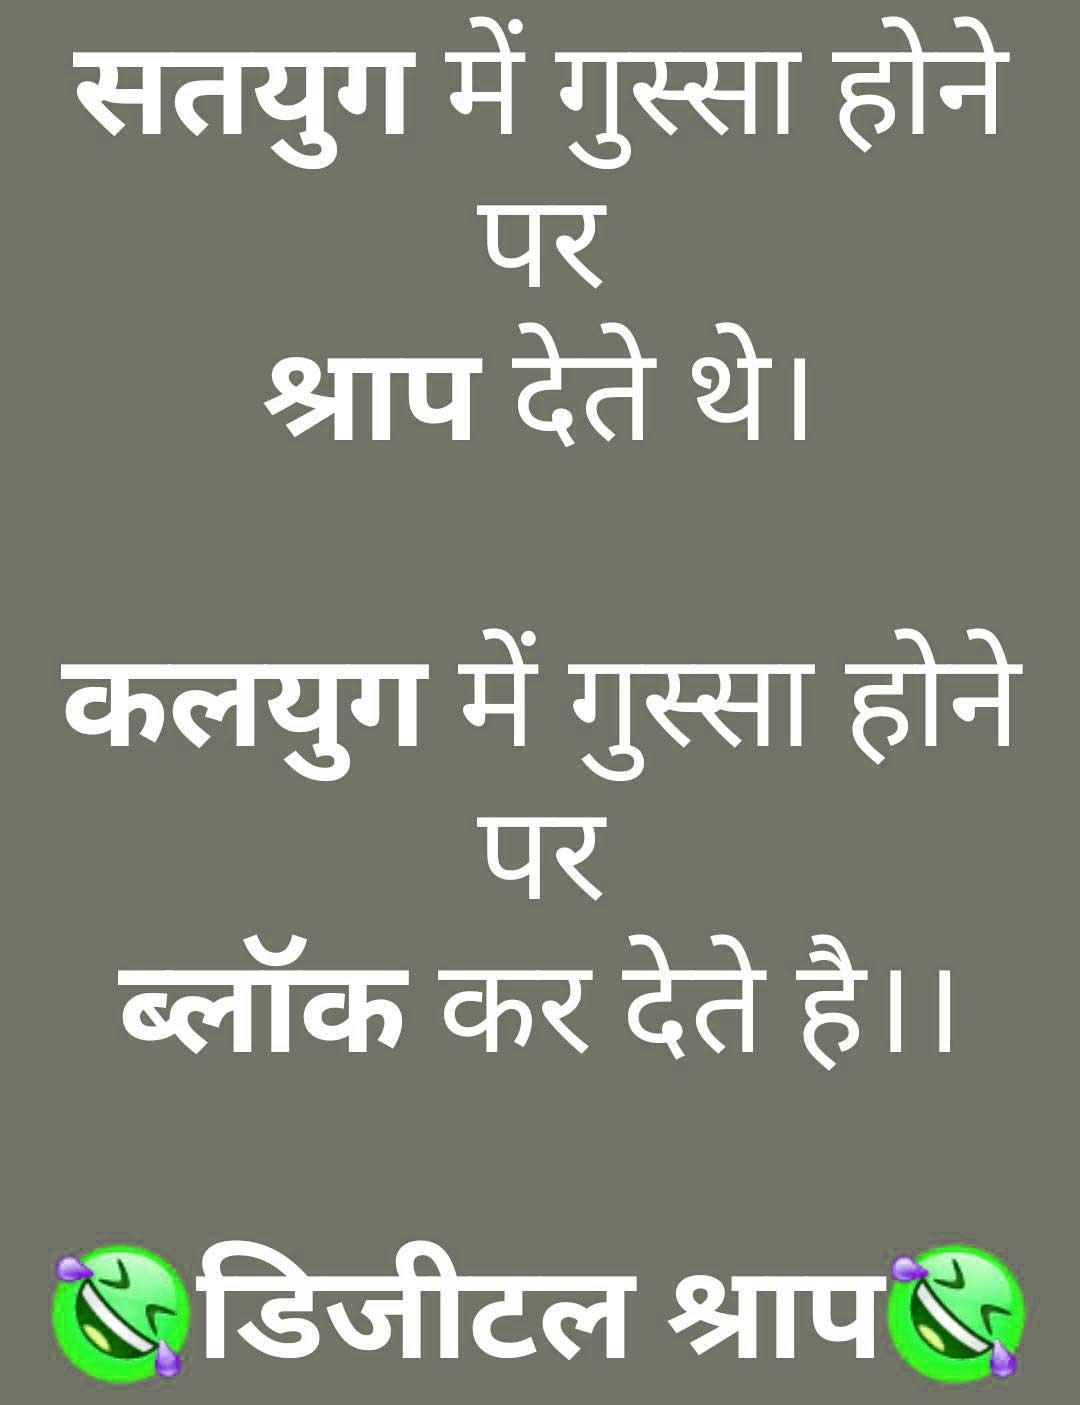 New Hindi Funny Status Images Wallpaper Hd